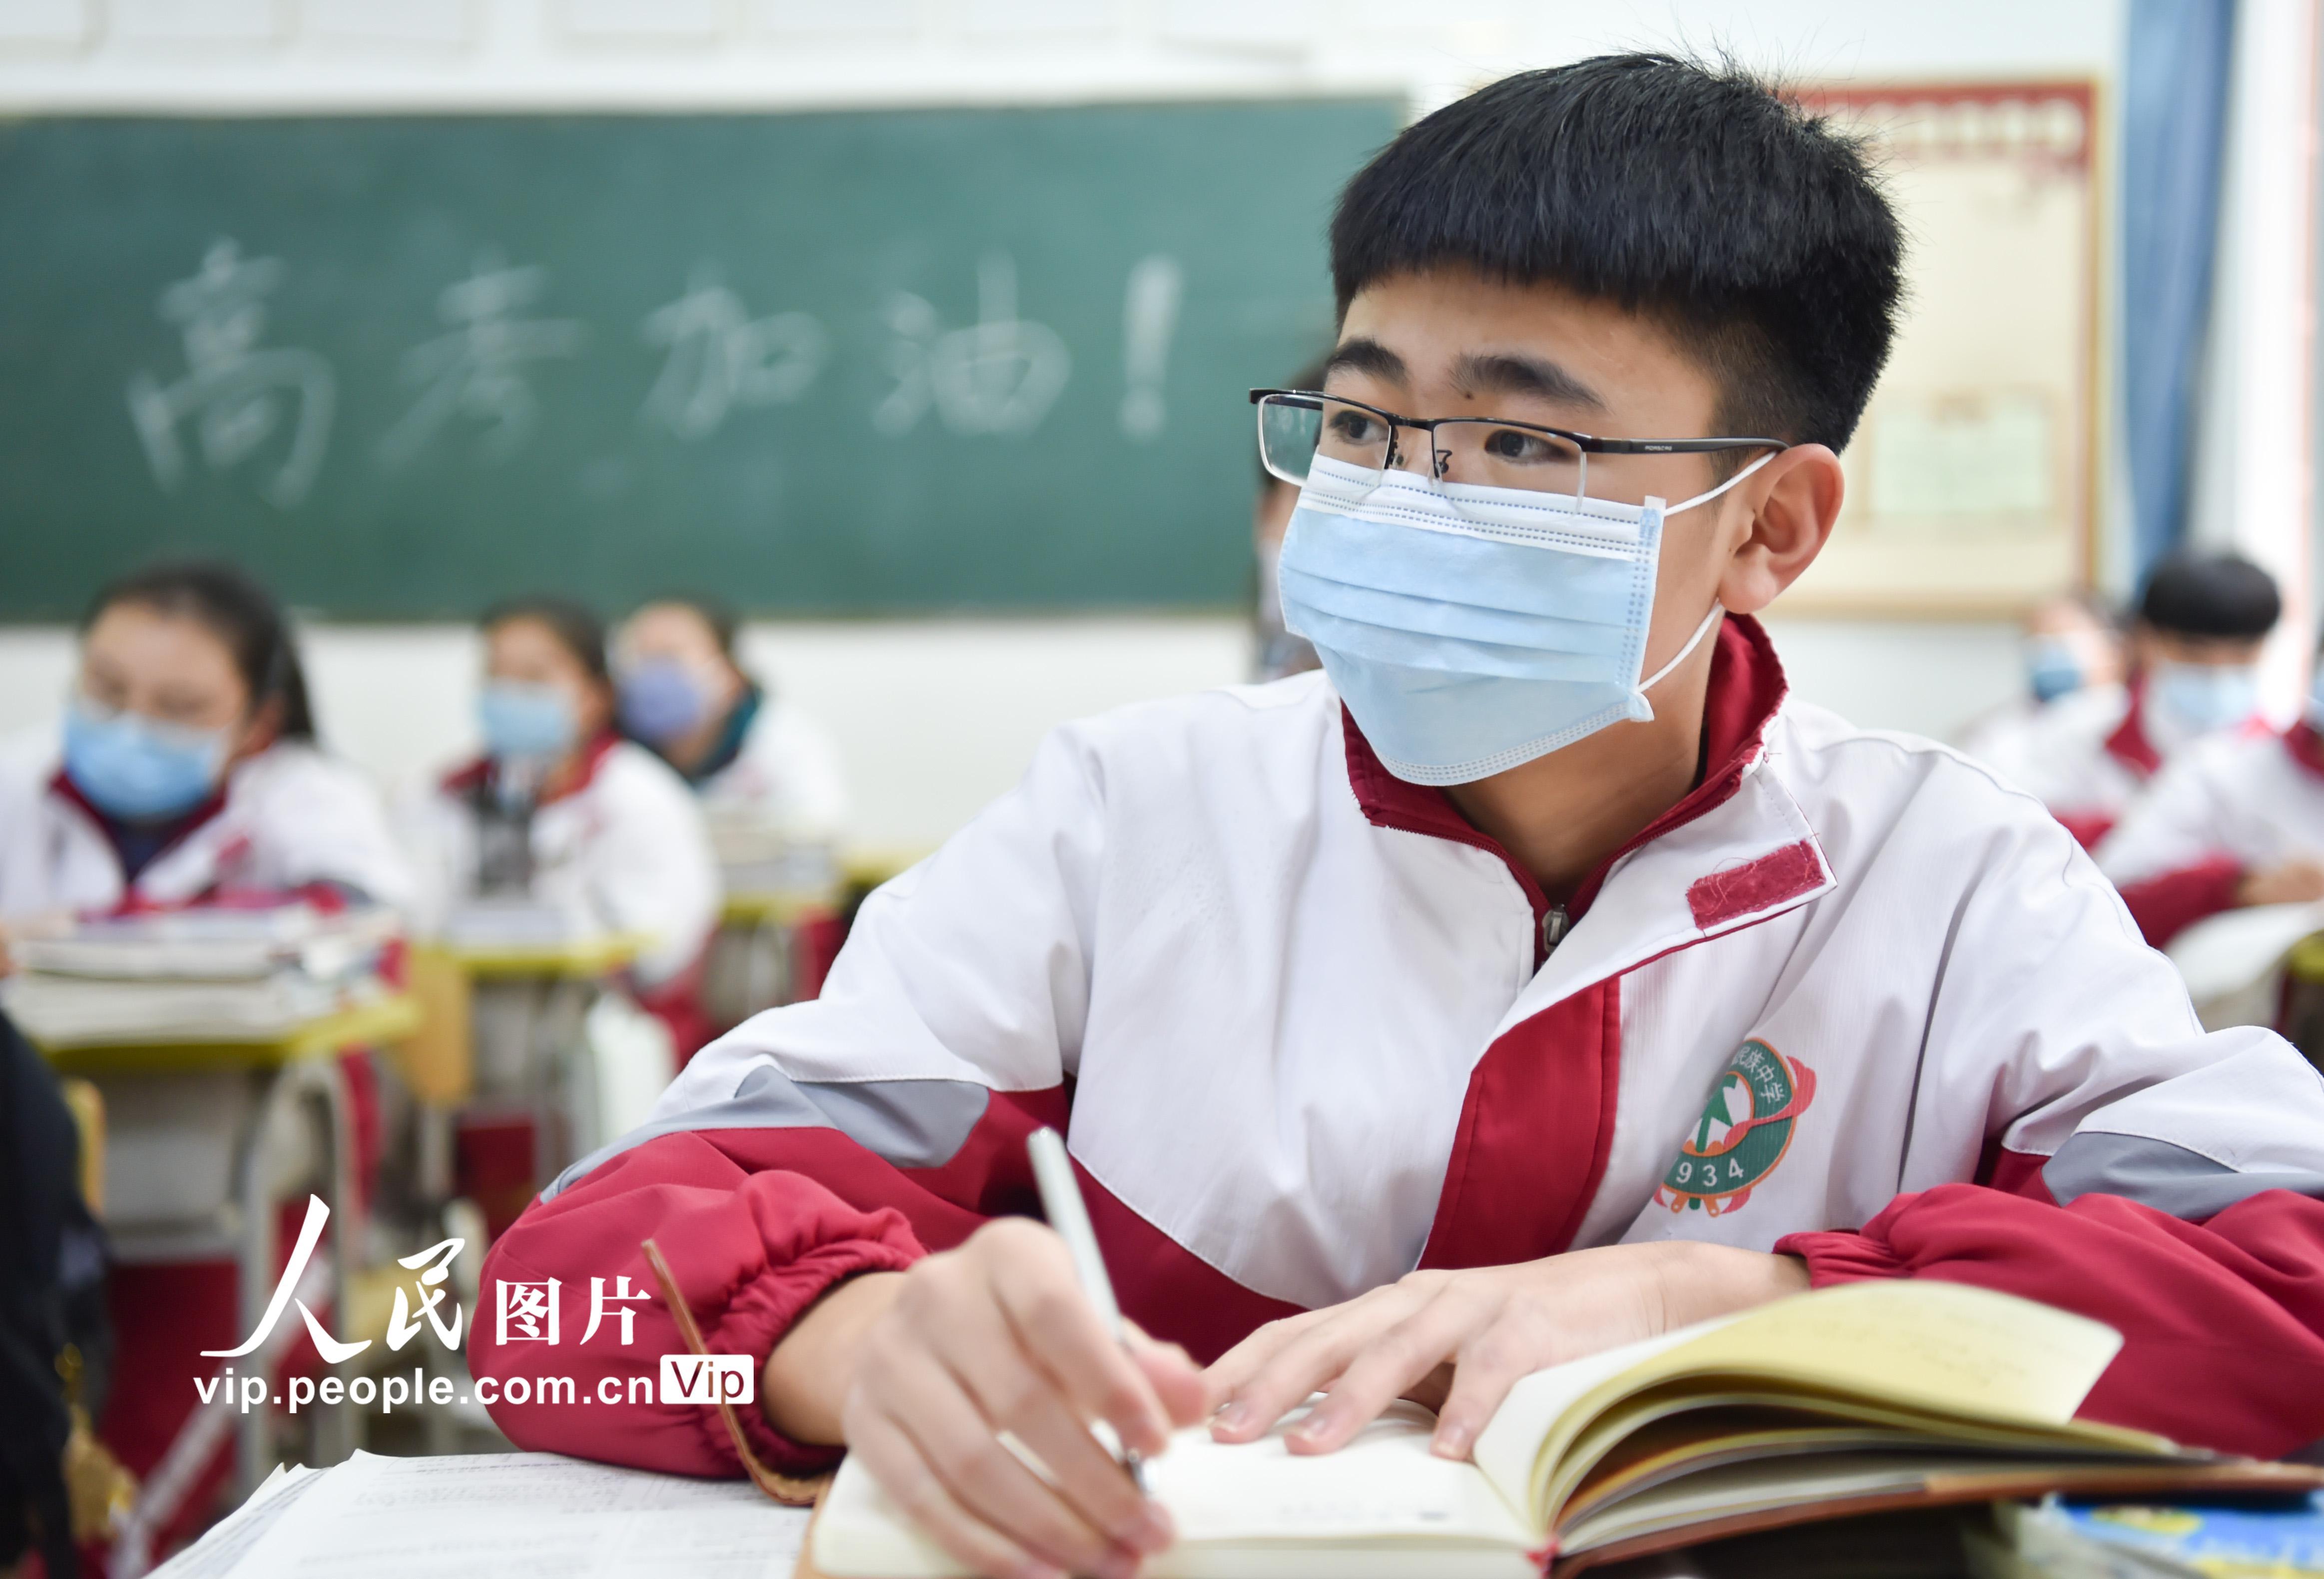 贵州松桃:高三初三年级正式开学